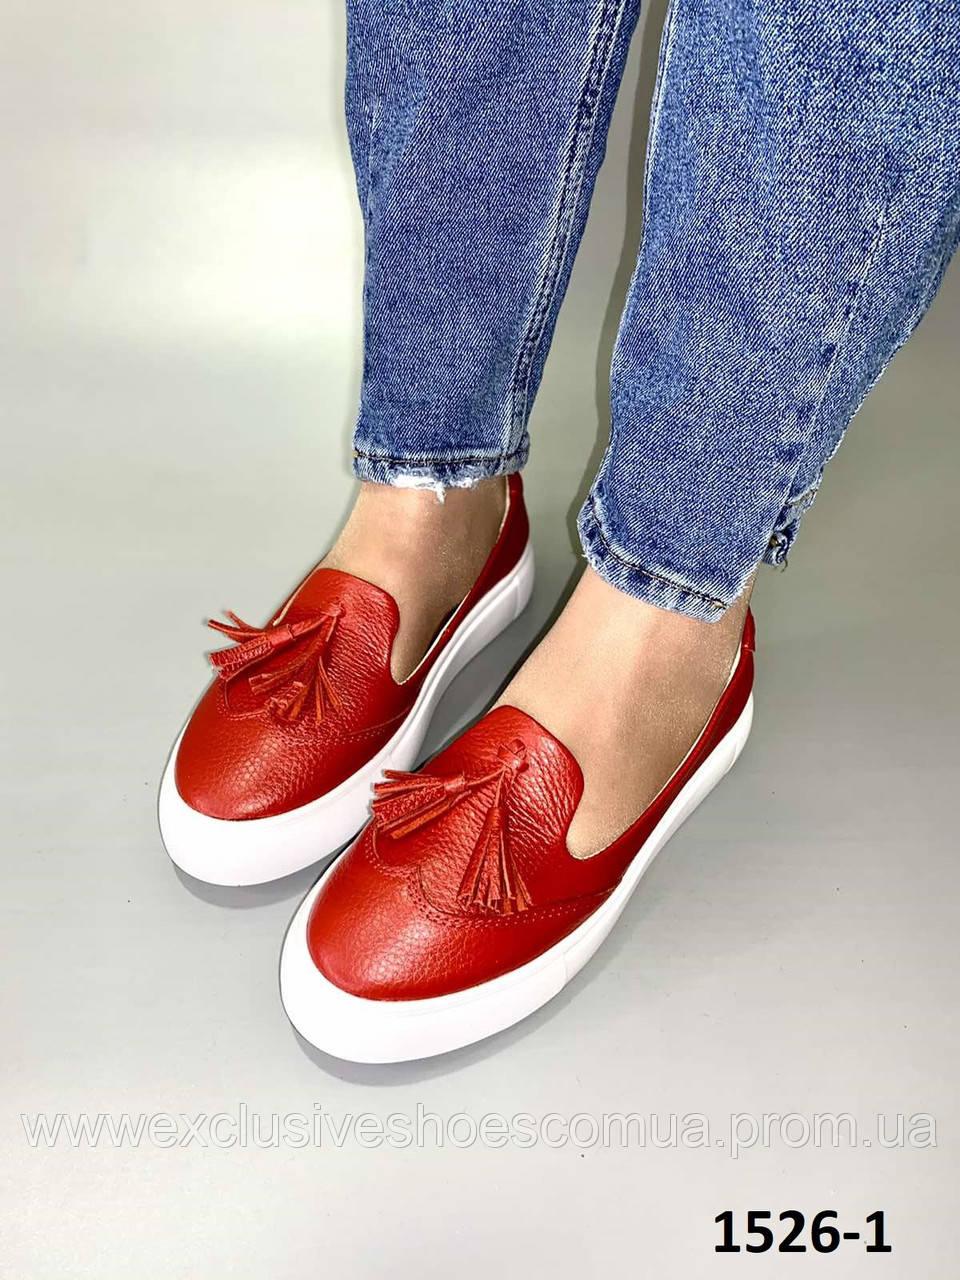 Женские слипоны демисезонные кожаные красные